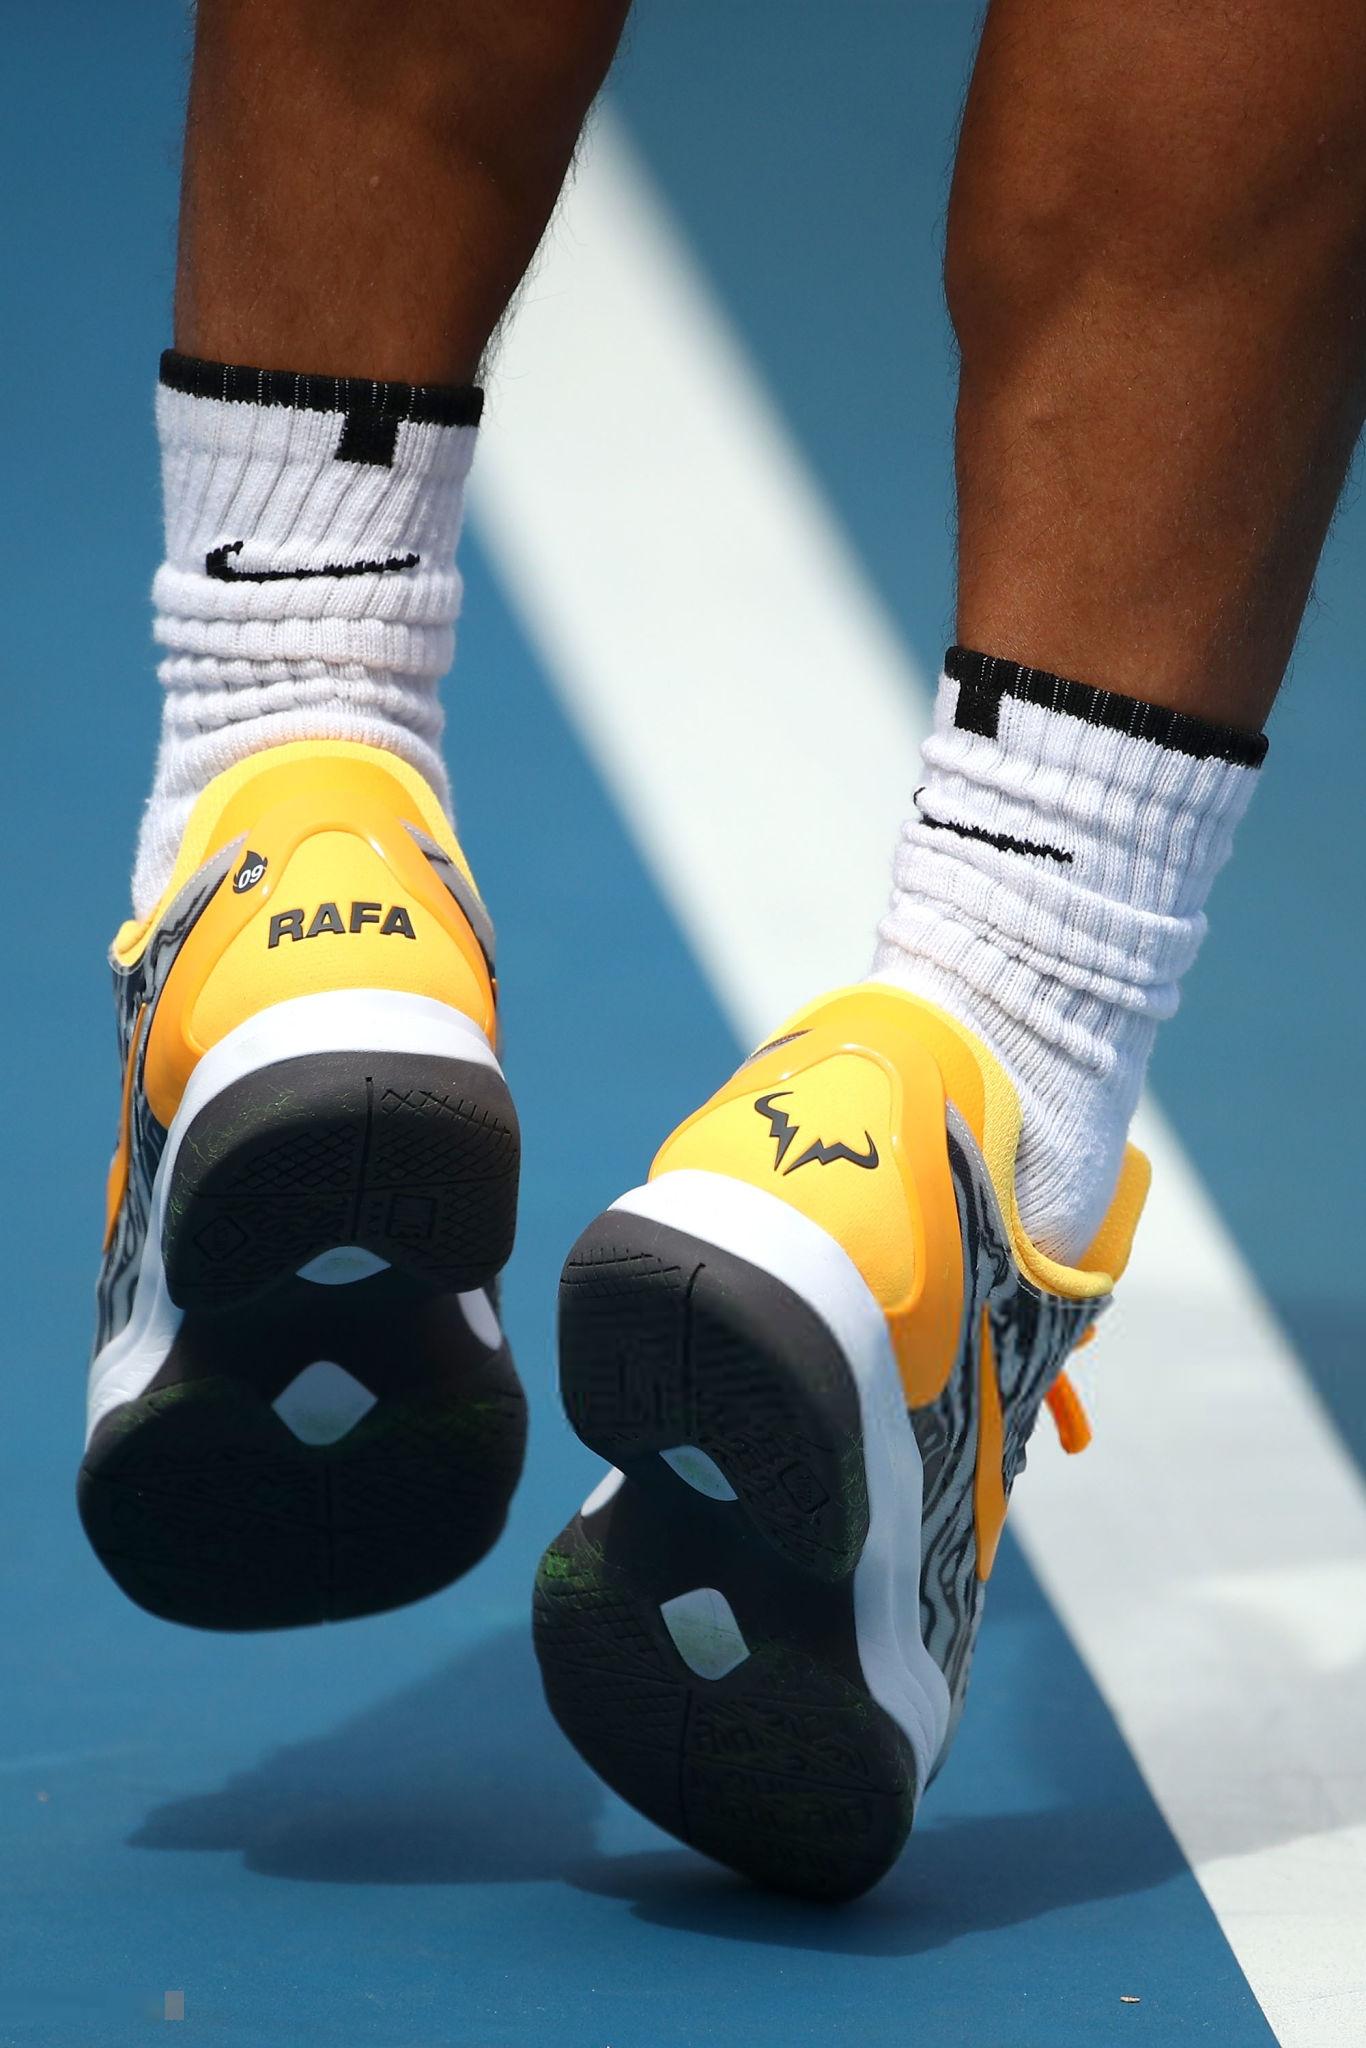 Rafael Nadal Nike Shoes Australian Open 2019 Final 2 Rafael Nadal Fans